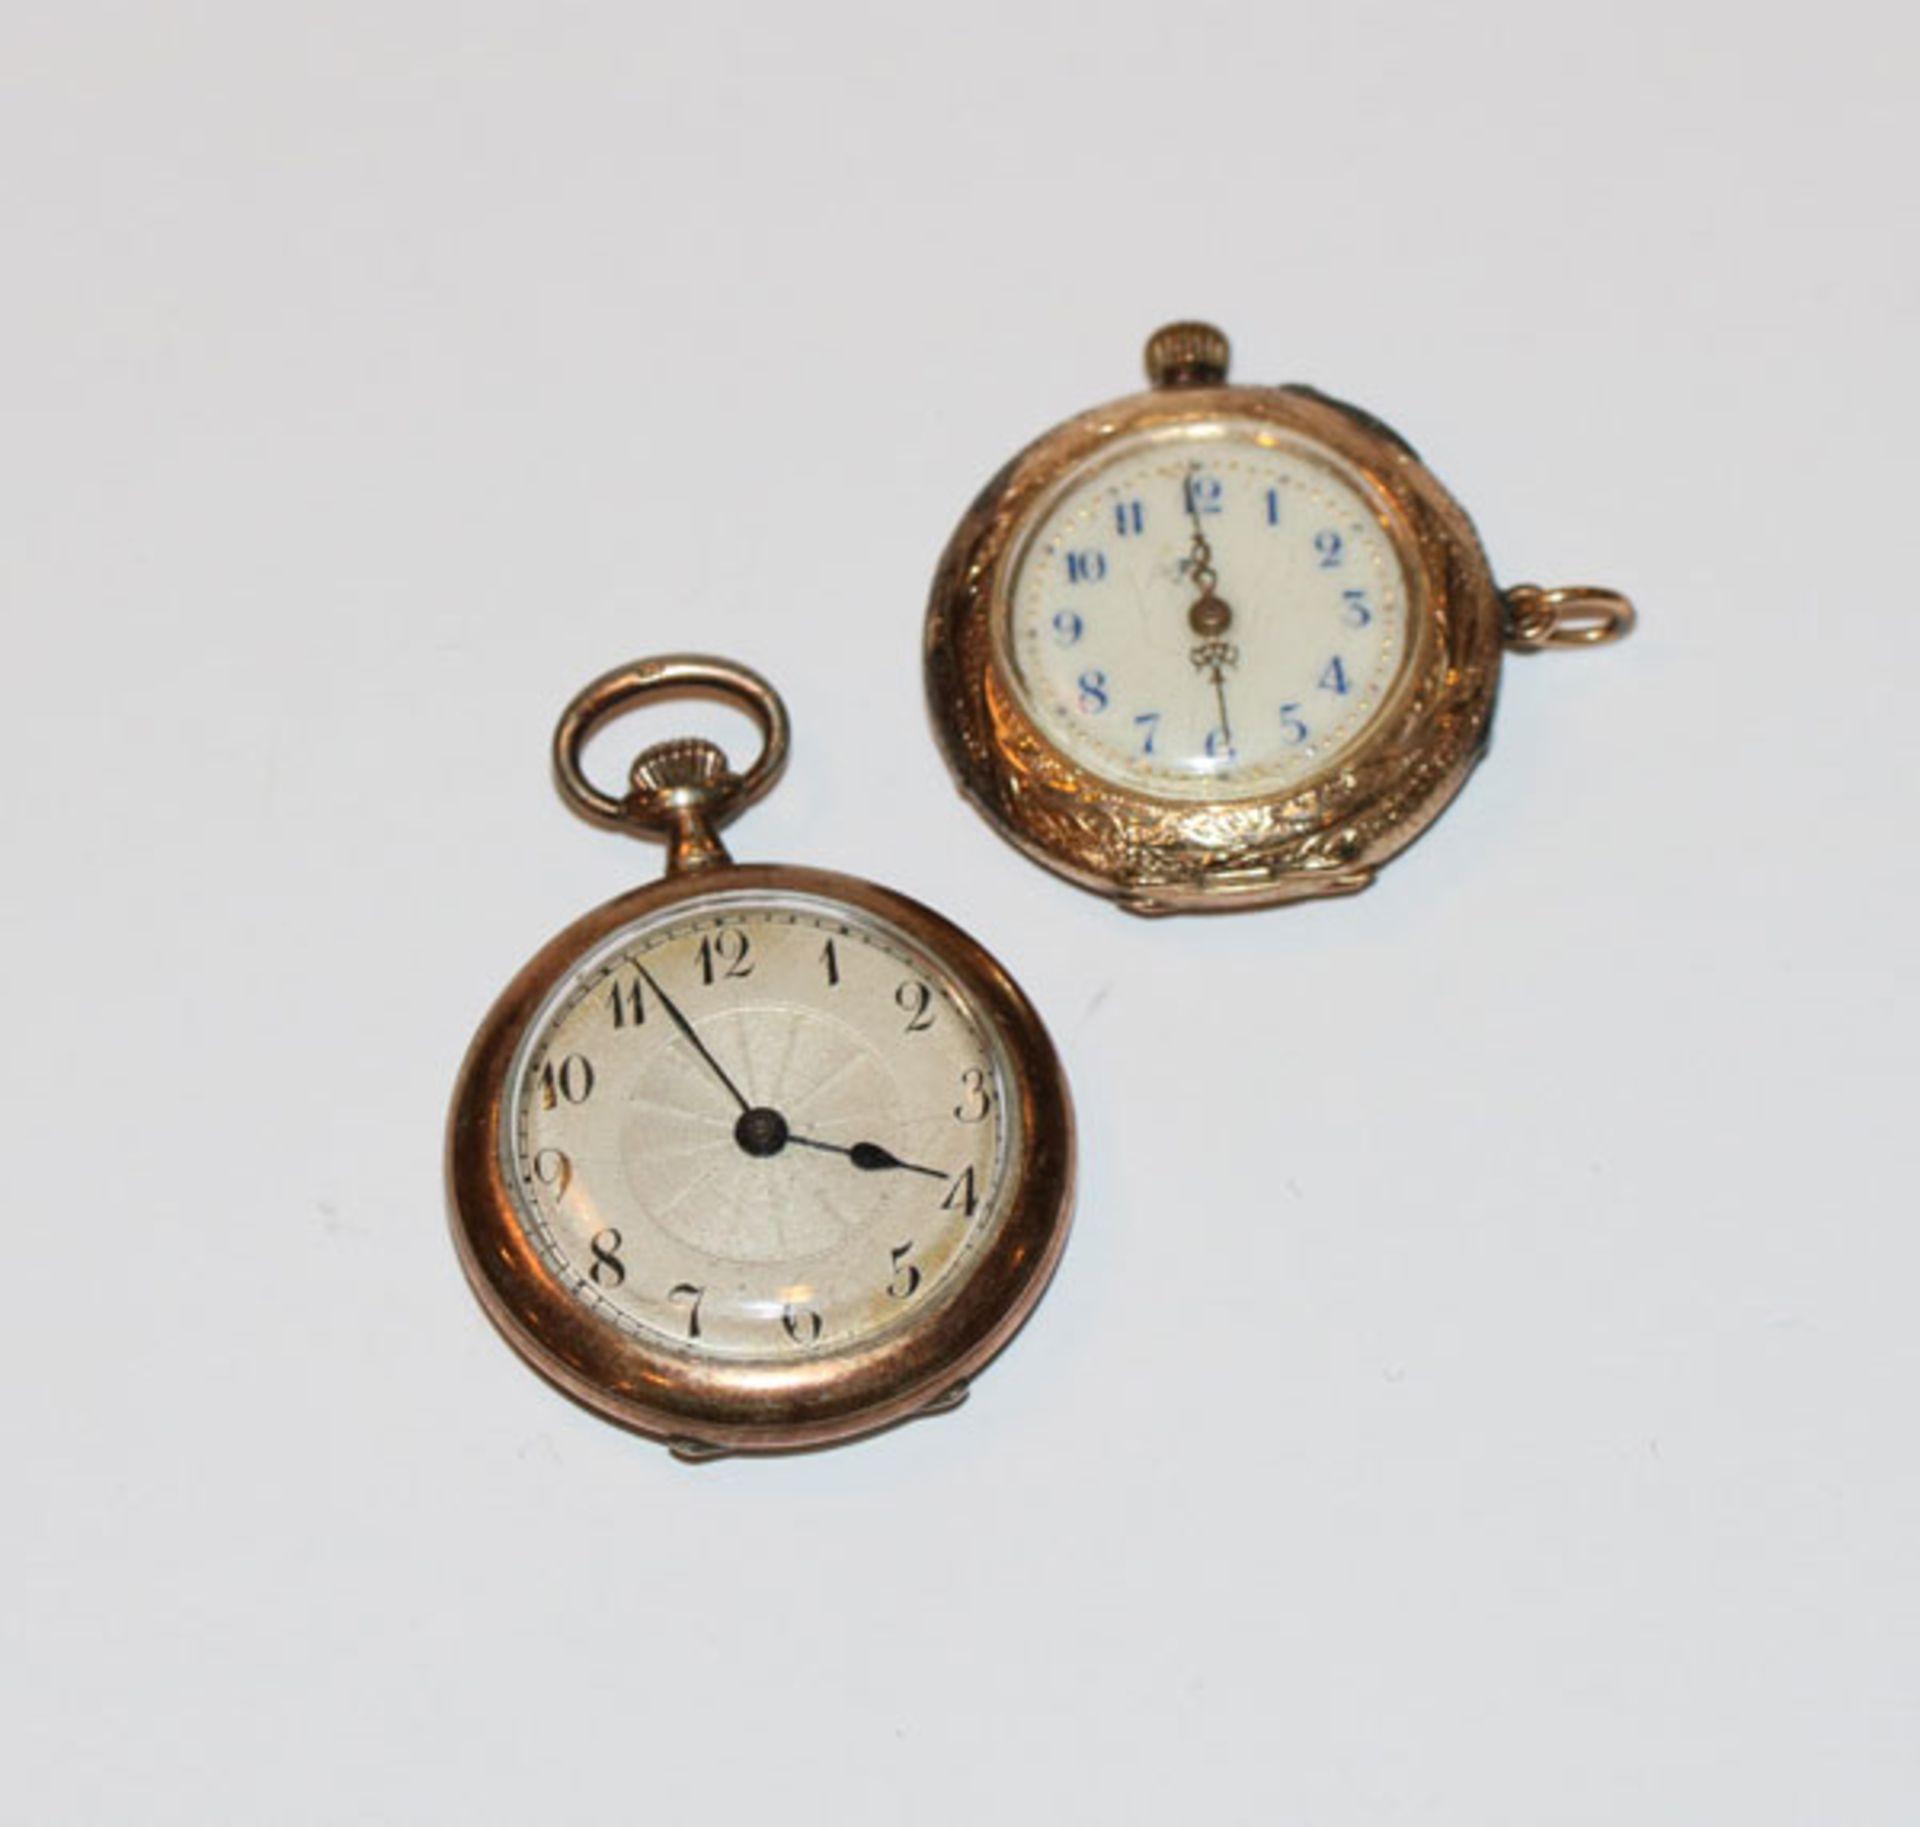 14 k Gelbgold Damen-Taschenuhr, rückseitig fein graviert, D 3 cm, und Silber Damen Taschenuhr, D 3